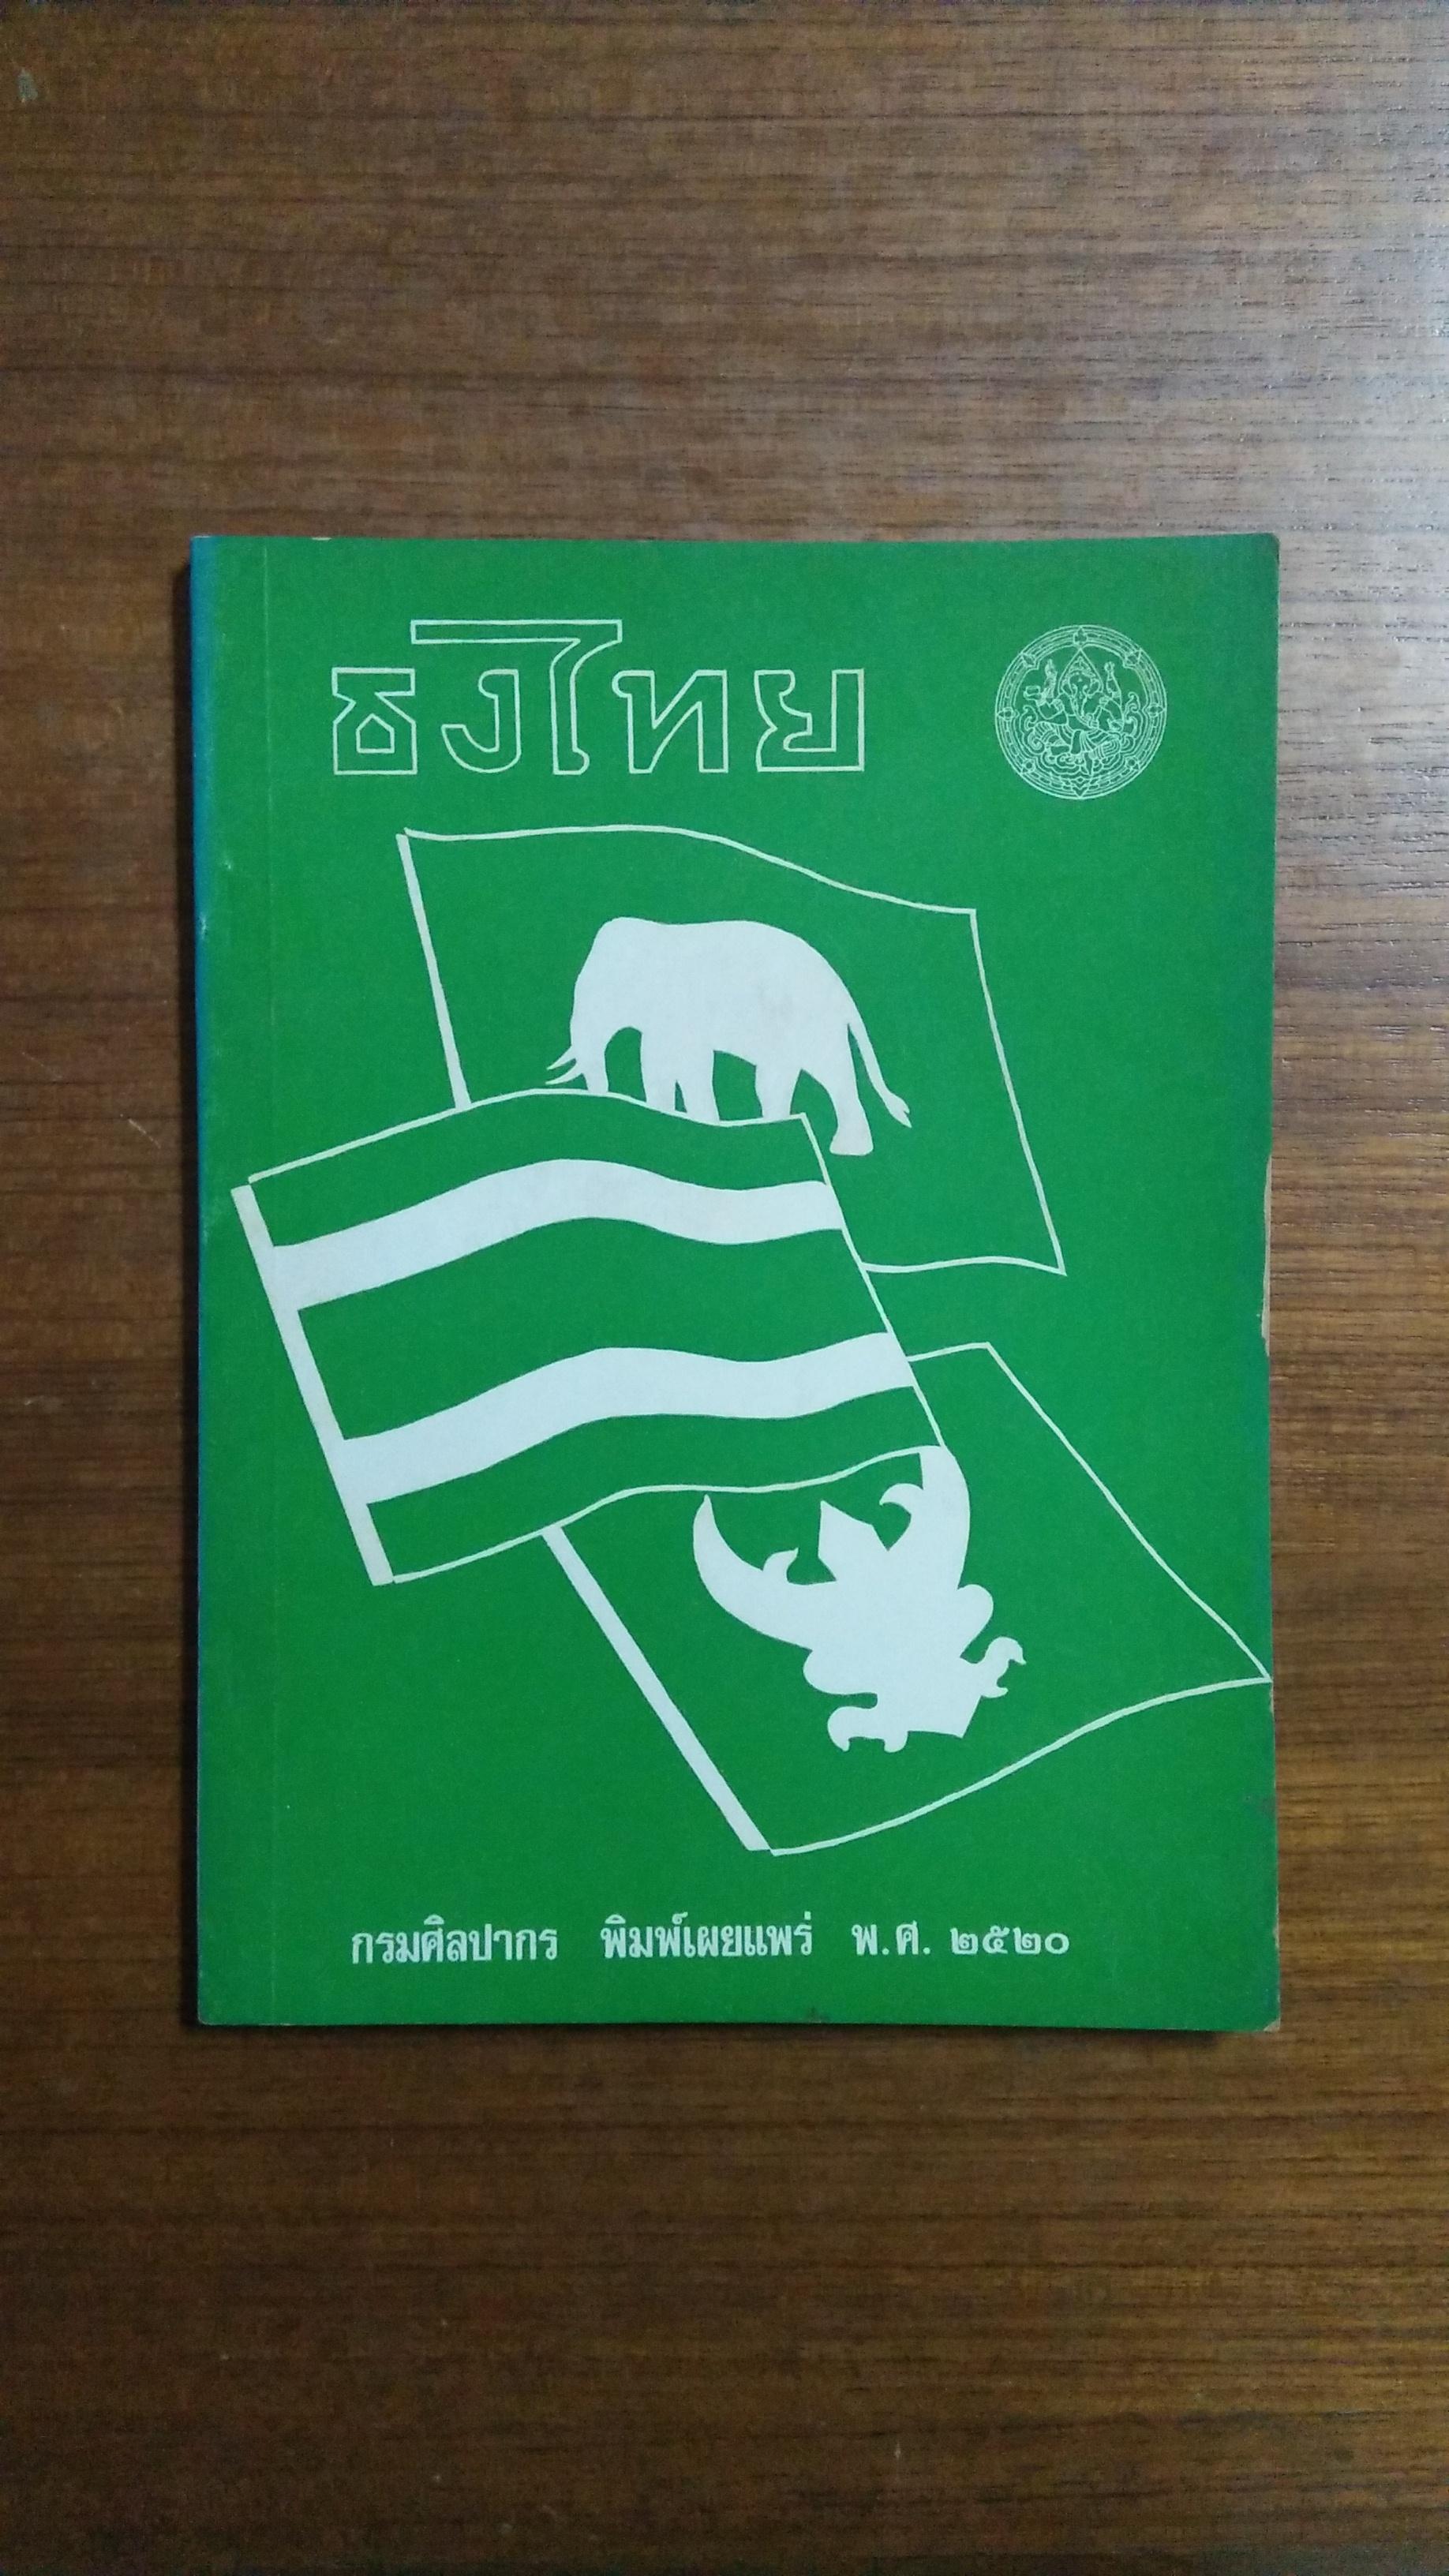 ธงไทย / กรมศิลปากร (มีตราห้องสมุด)